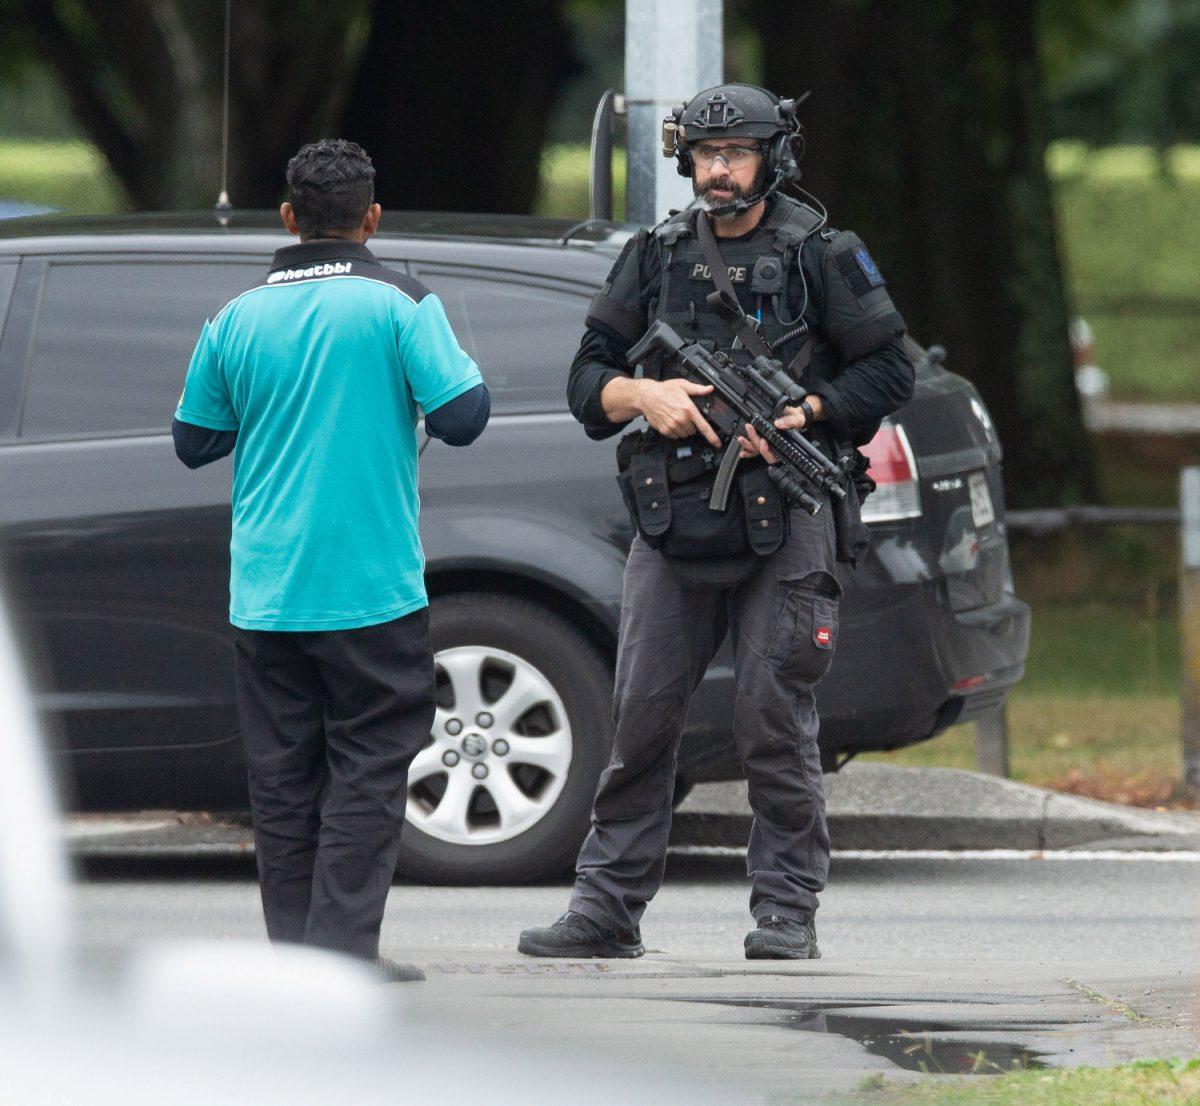 law enforcement and citizen